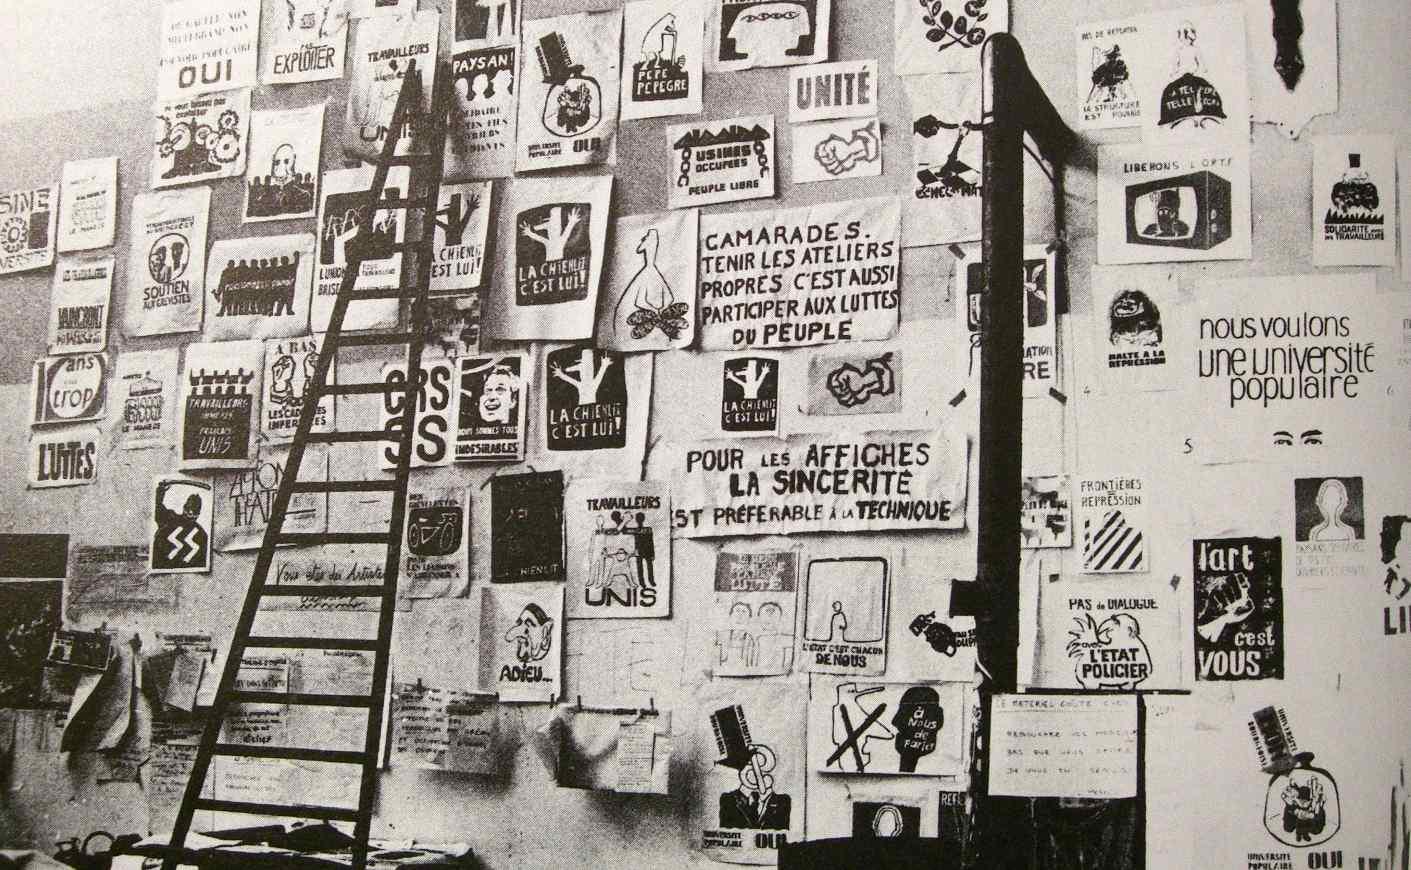 Atelier de l'Ecole Nationale Supérieure des Arts Décoratifs (1968).